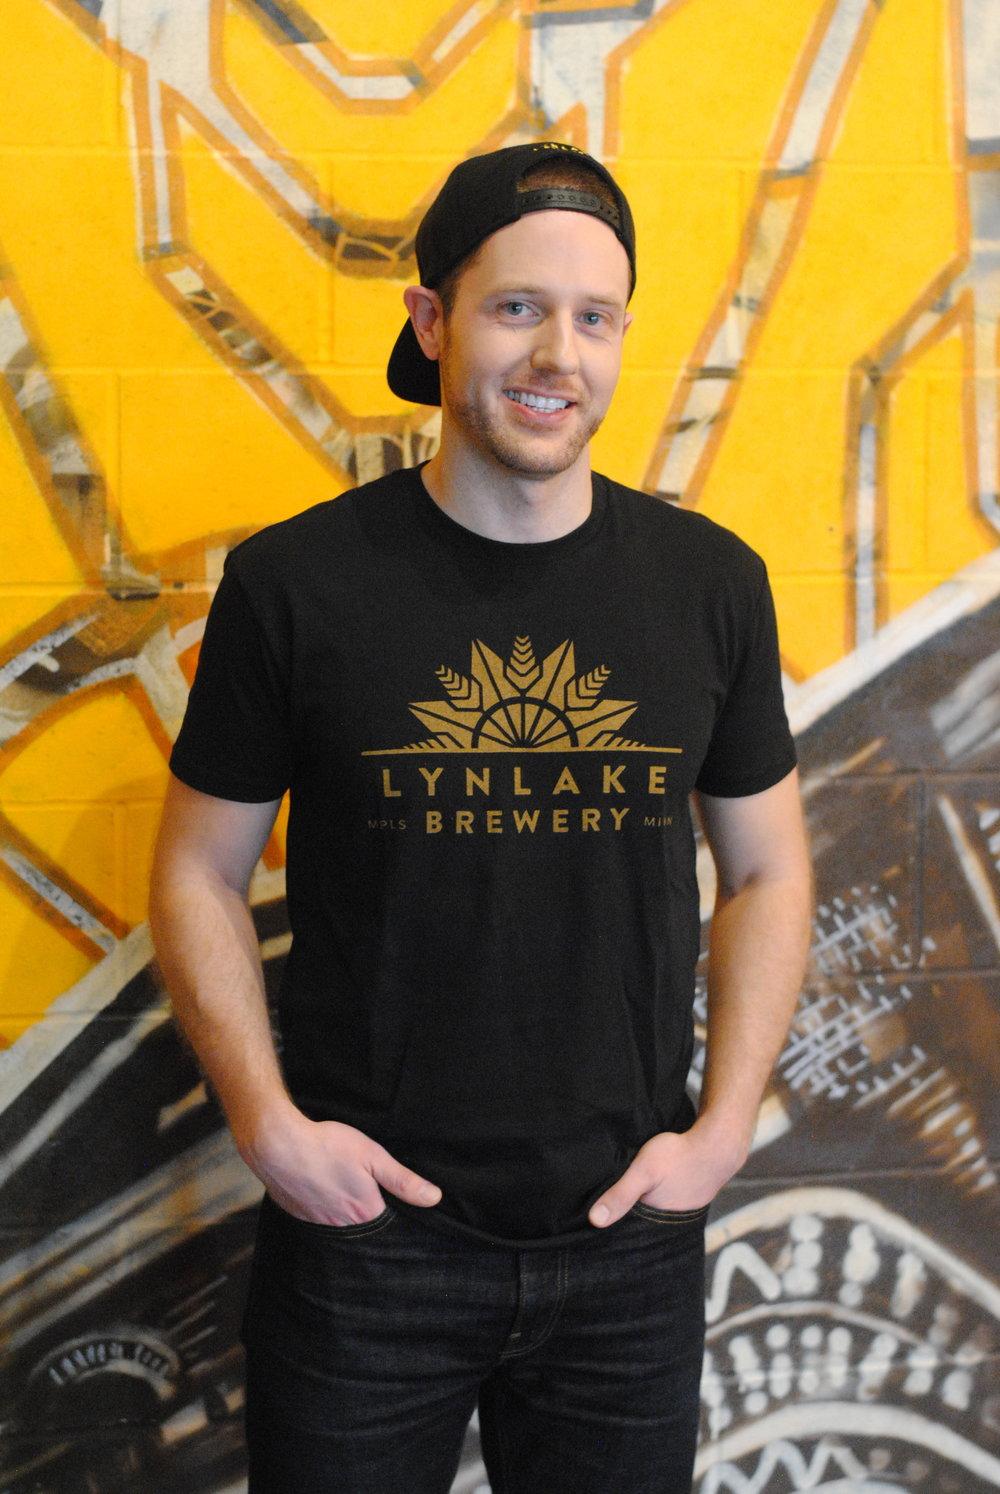 Black Front Sun T-Shirt (Unisex) - $15.00